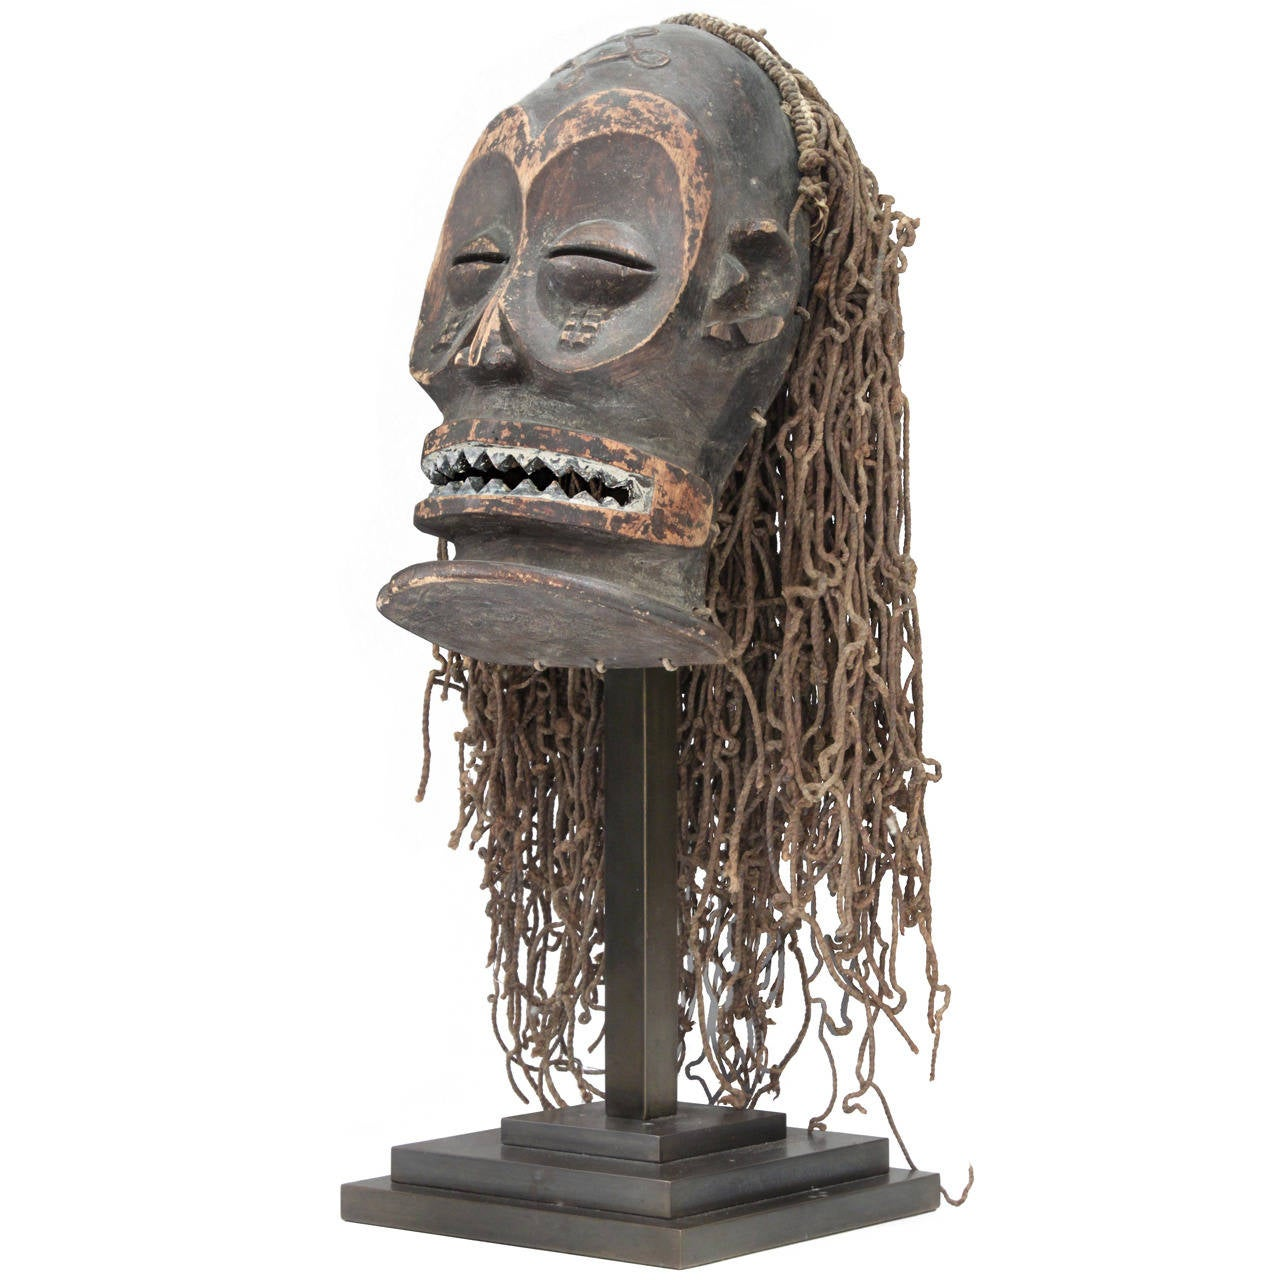 Hand-Carved African Mask on Bronze Base by Karl Springer